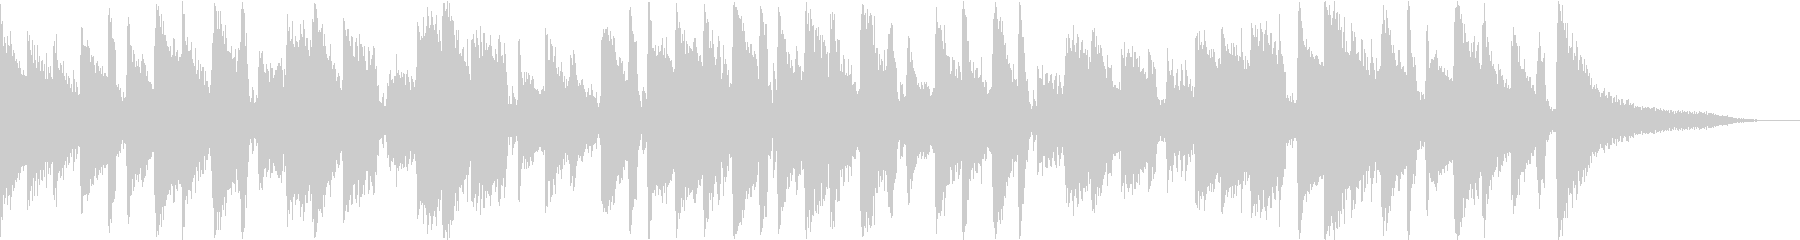 浮遊感のあるギターアルペジオの未再生の波形